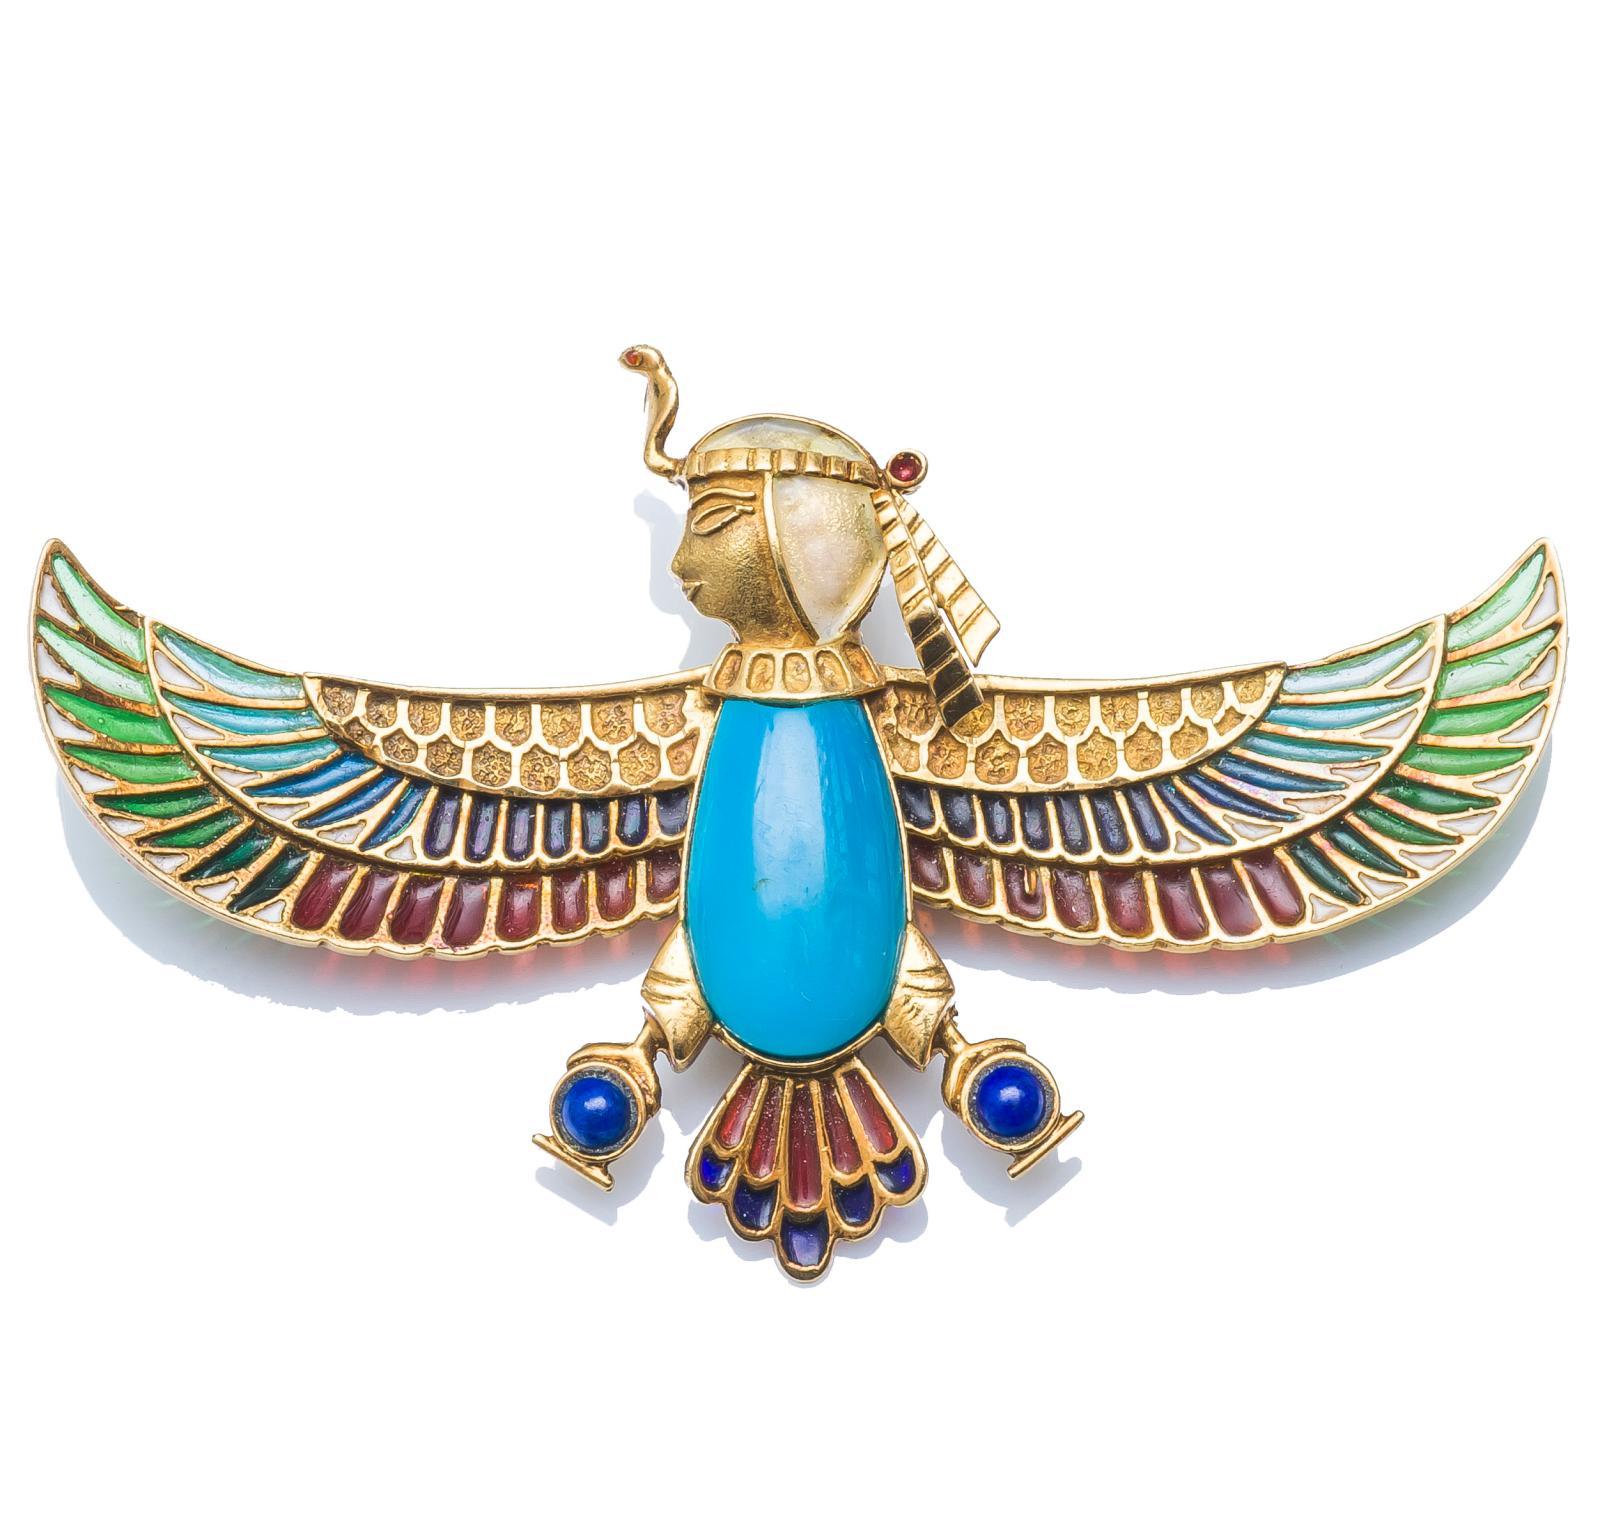 Broche «égyptomania» en or jaune serti de cabochons de pâte de verre à l'imitation du lapis-lazuli et de la turquoise et orné d'émail translucide poly